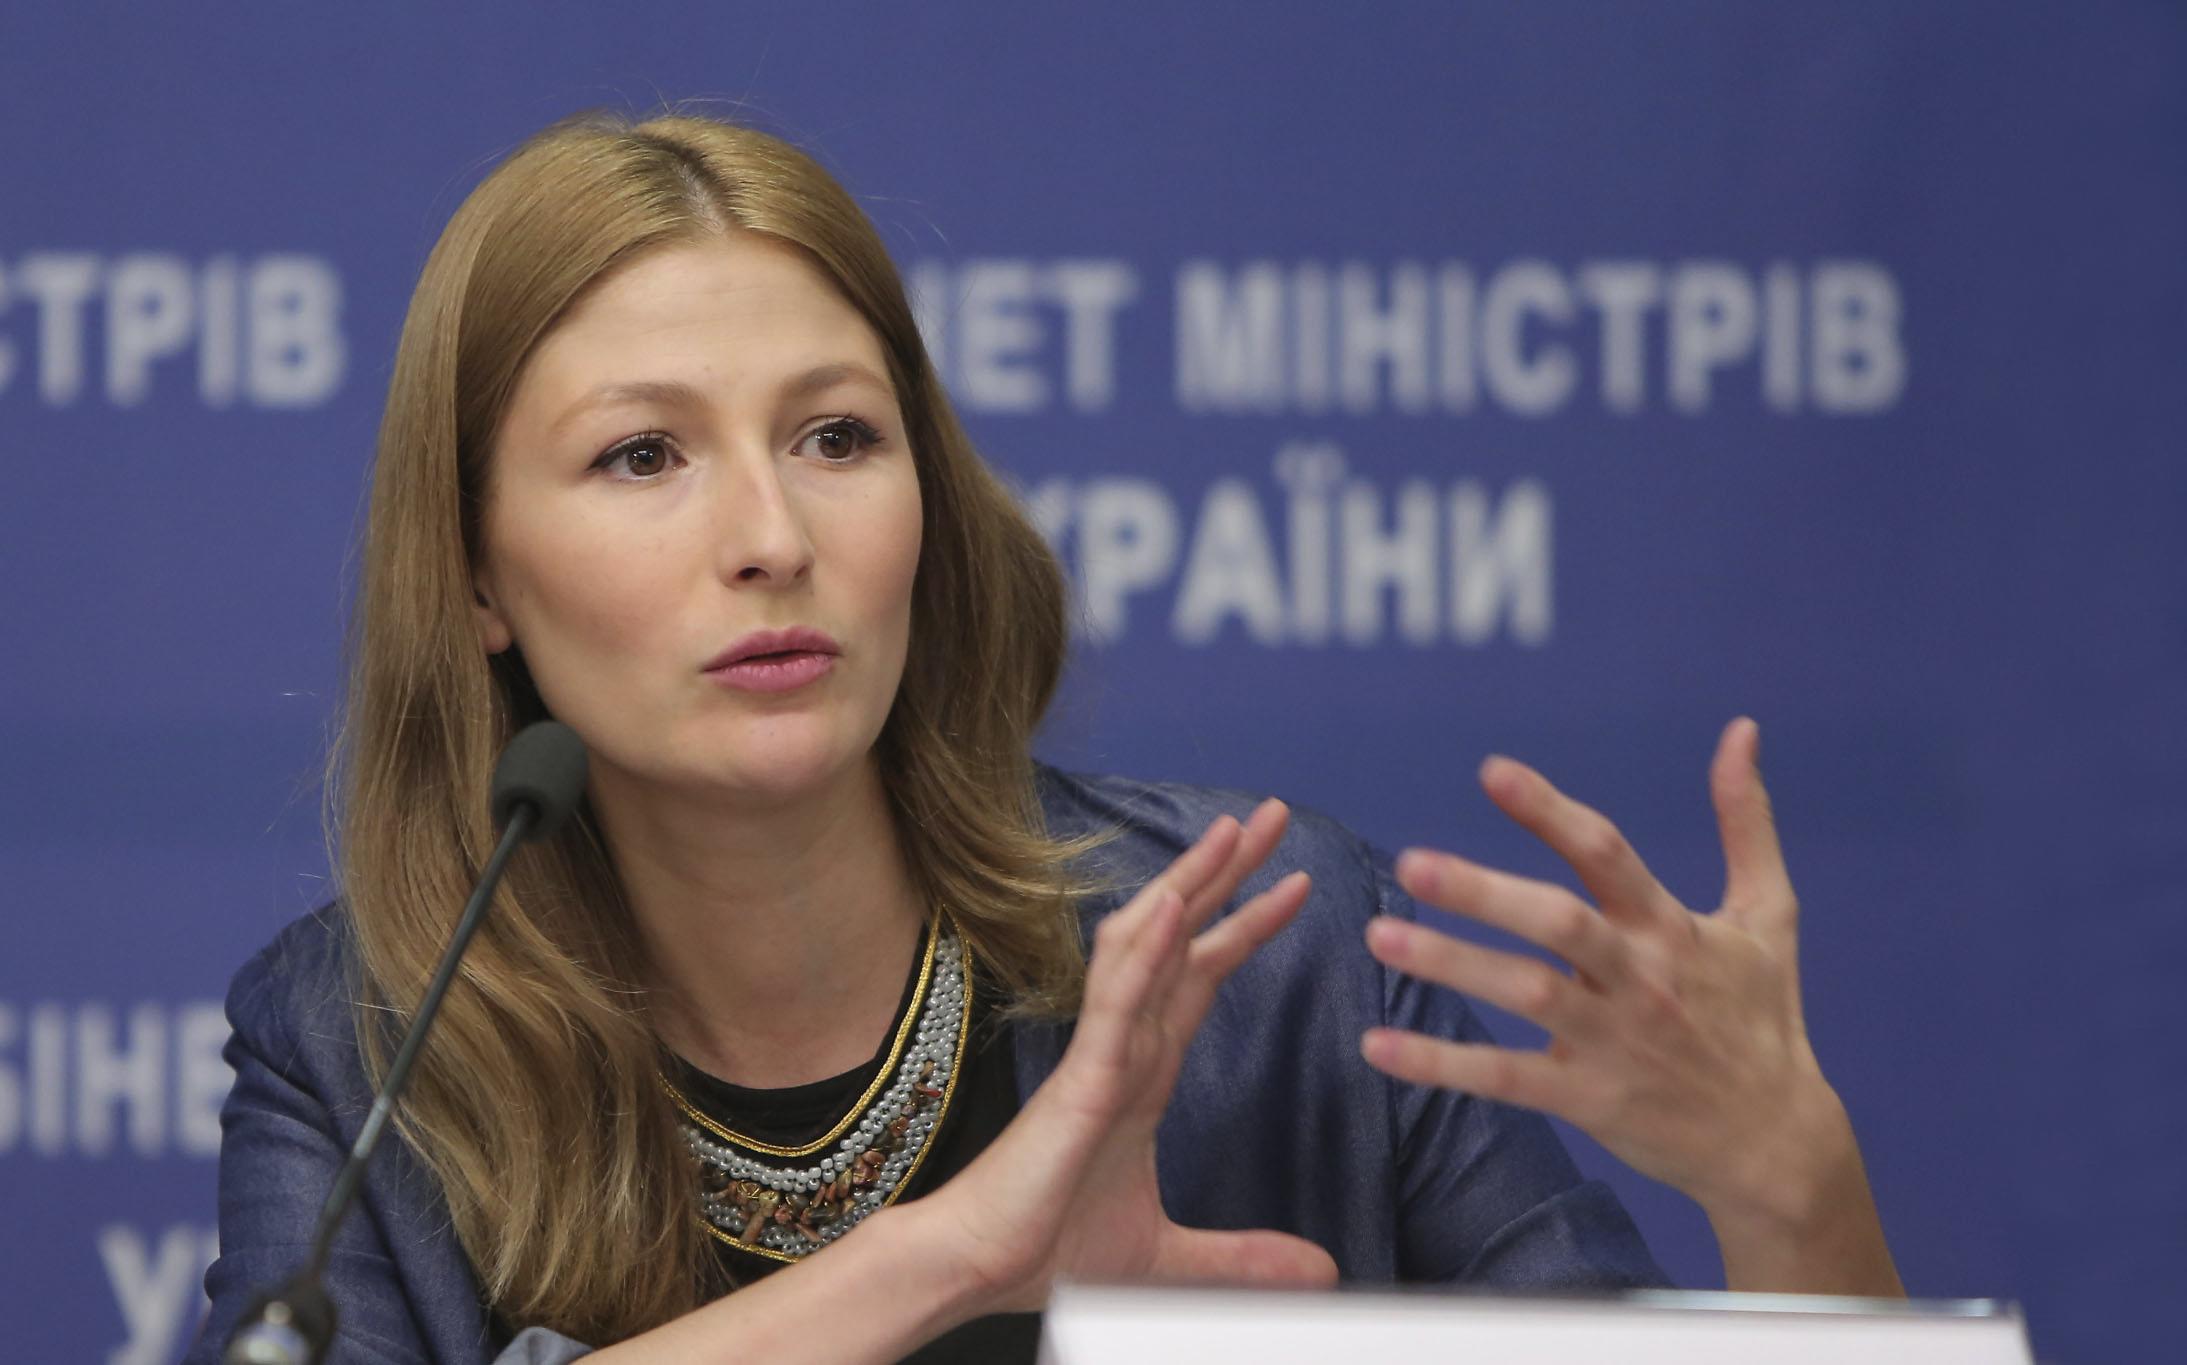 И.о. министра информационной политики уверяет, что в обществе зря критикуют работу ее ведомства